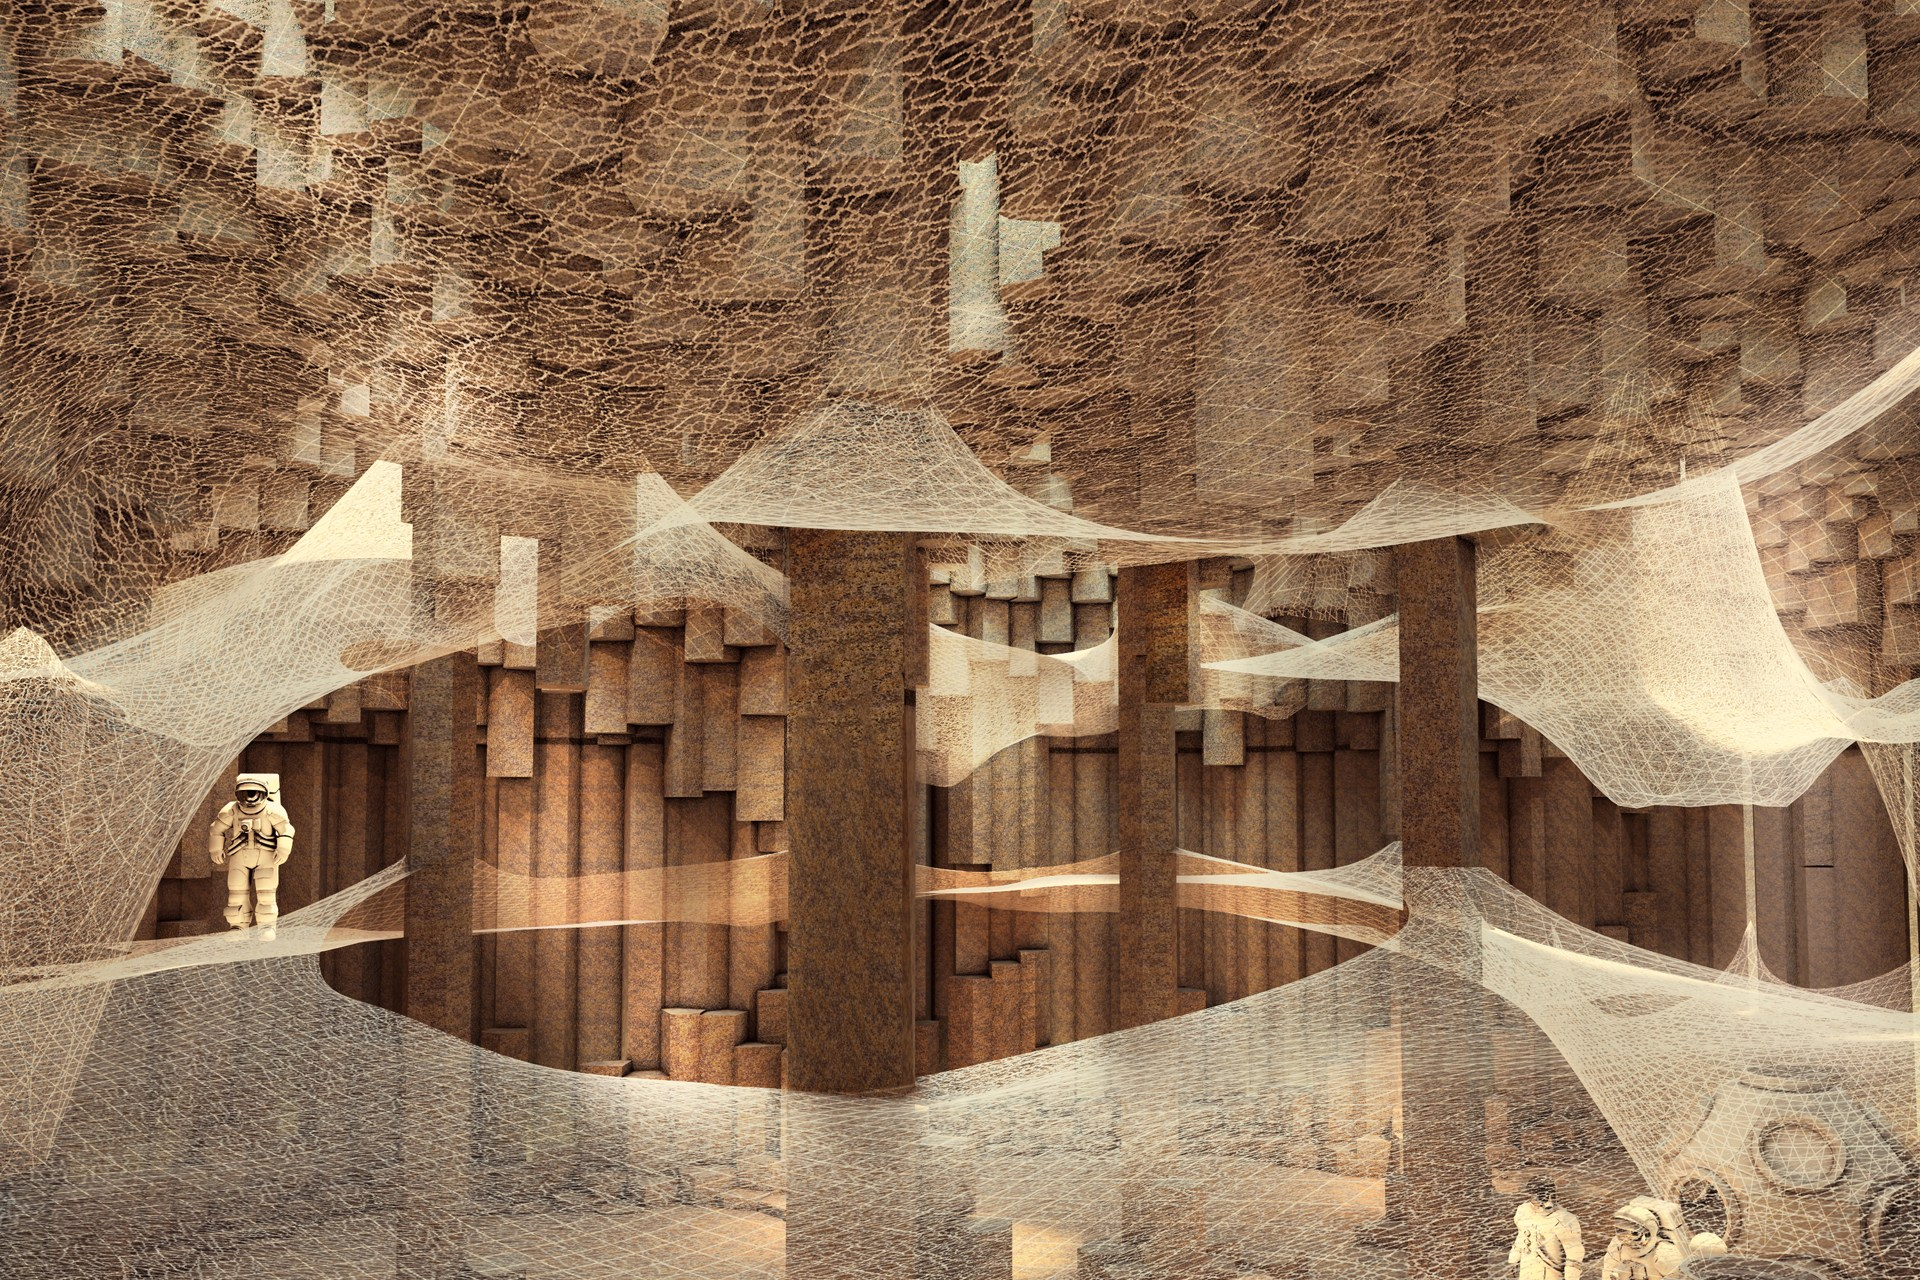 Ocupar Marte usando habitats feitos em impressão 3D é loucura (e é genial)